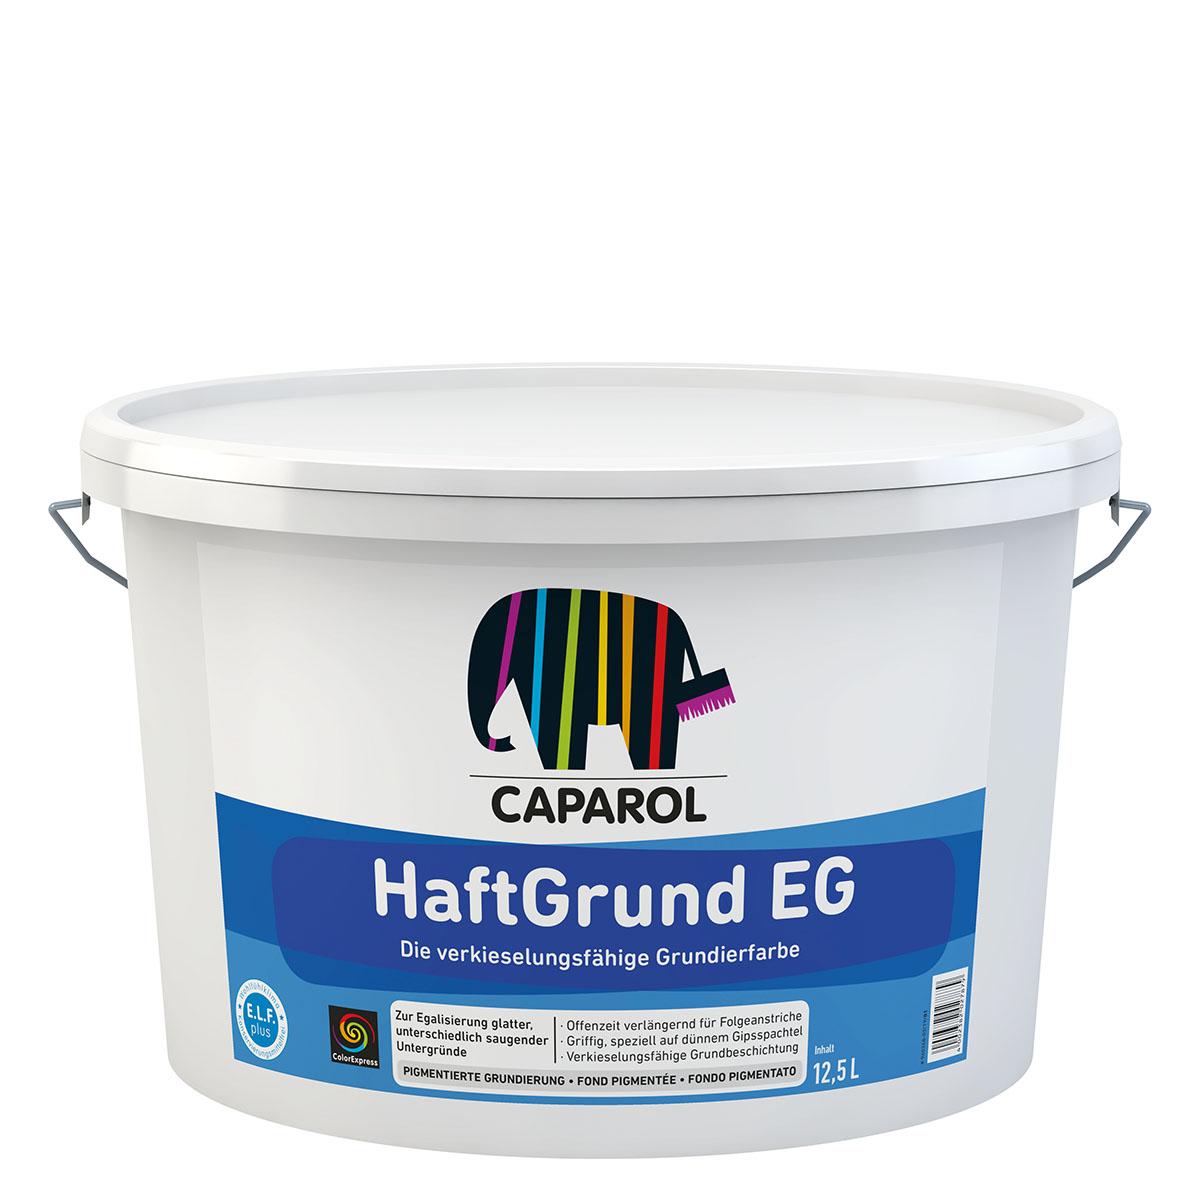 Caparol Haftgrund EG 12,5L weiss ,für Dispersions- u.D.-Silikatfarben